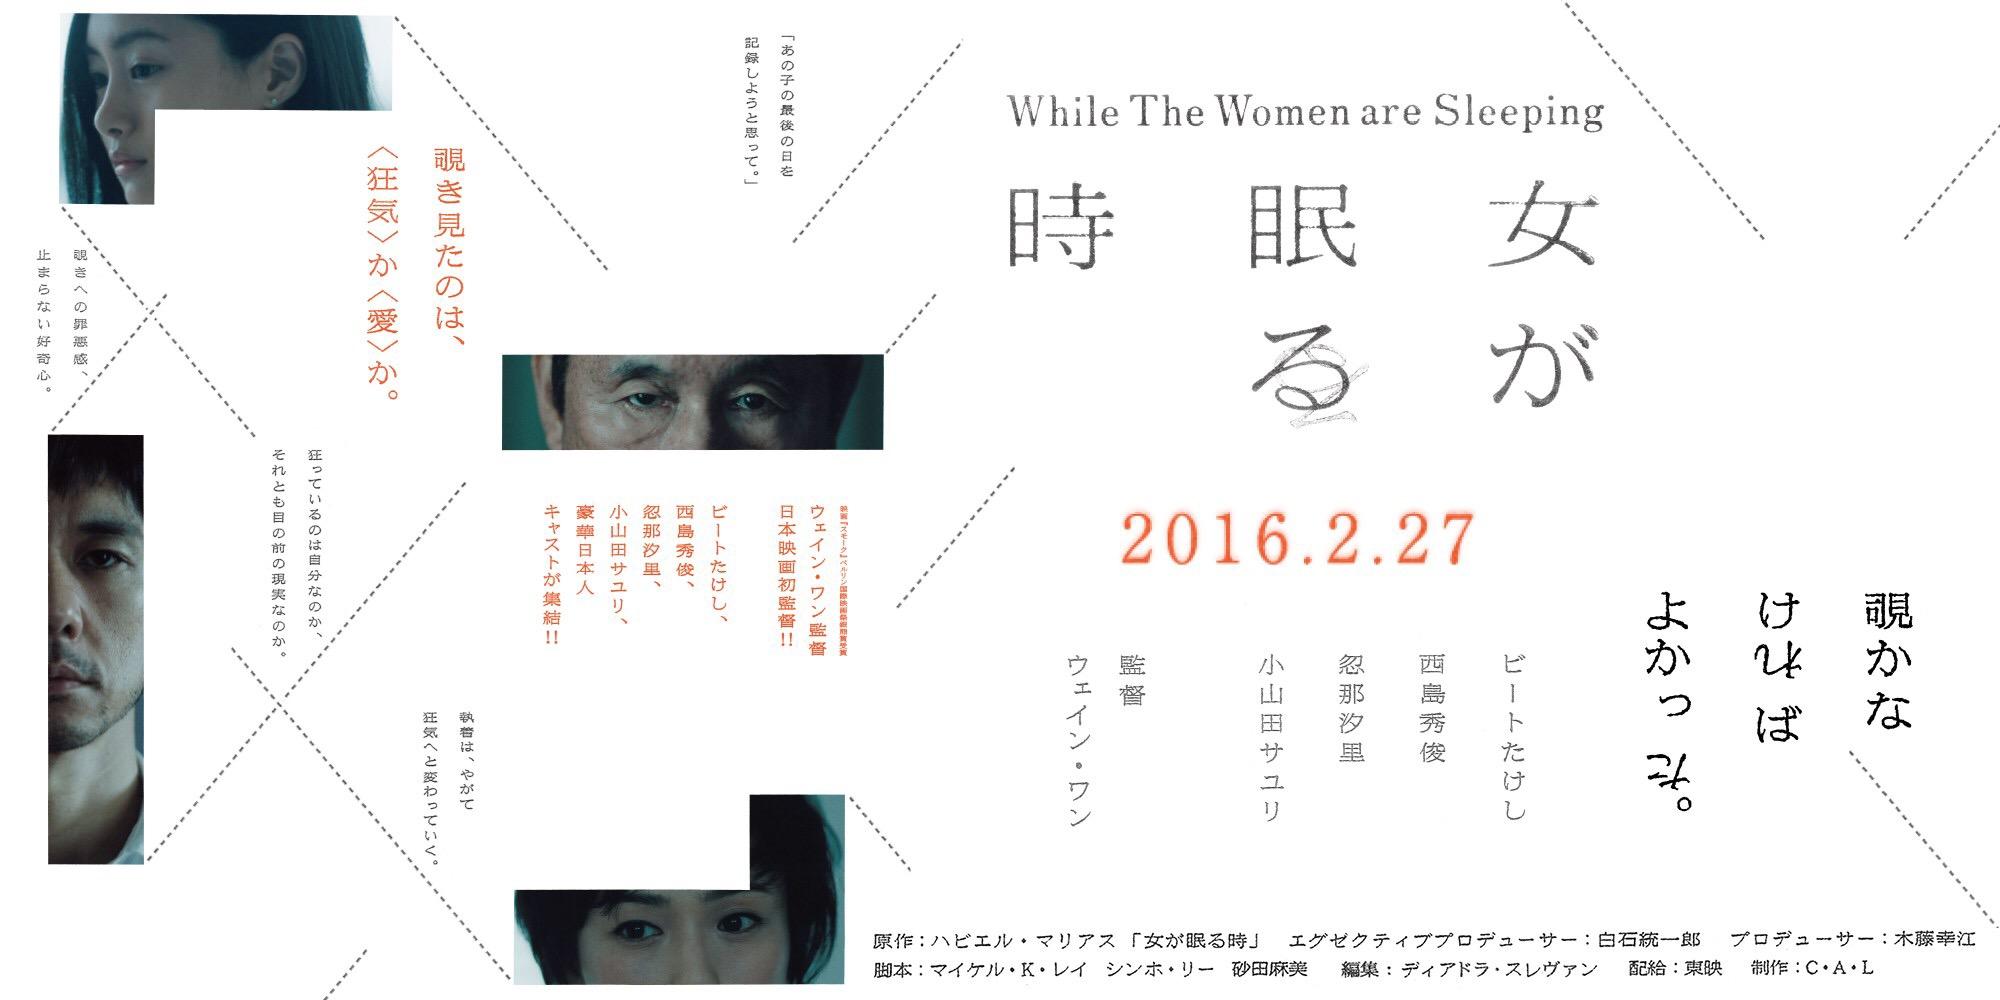 2016.2.27公開【女が眠る時】〜10秒で読める映画レビュー〜